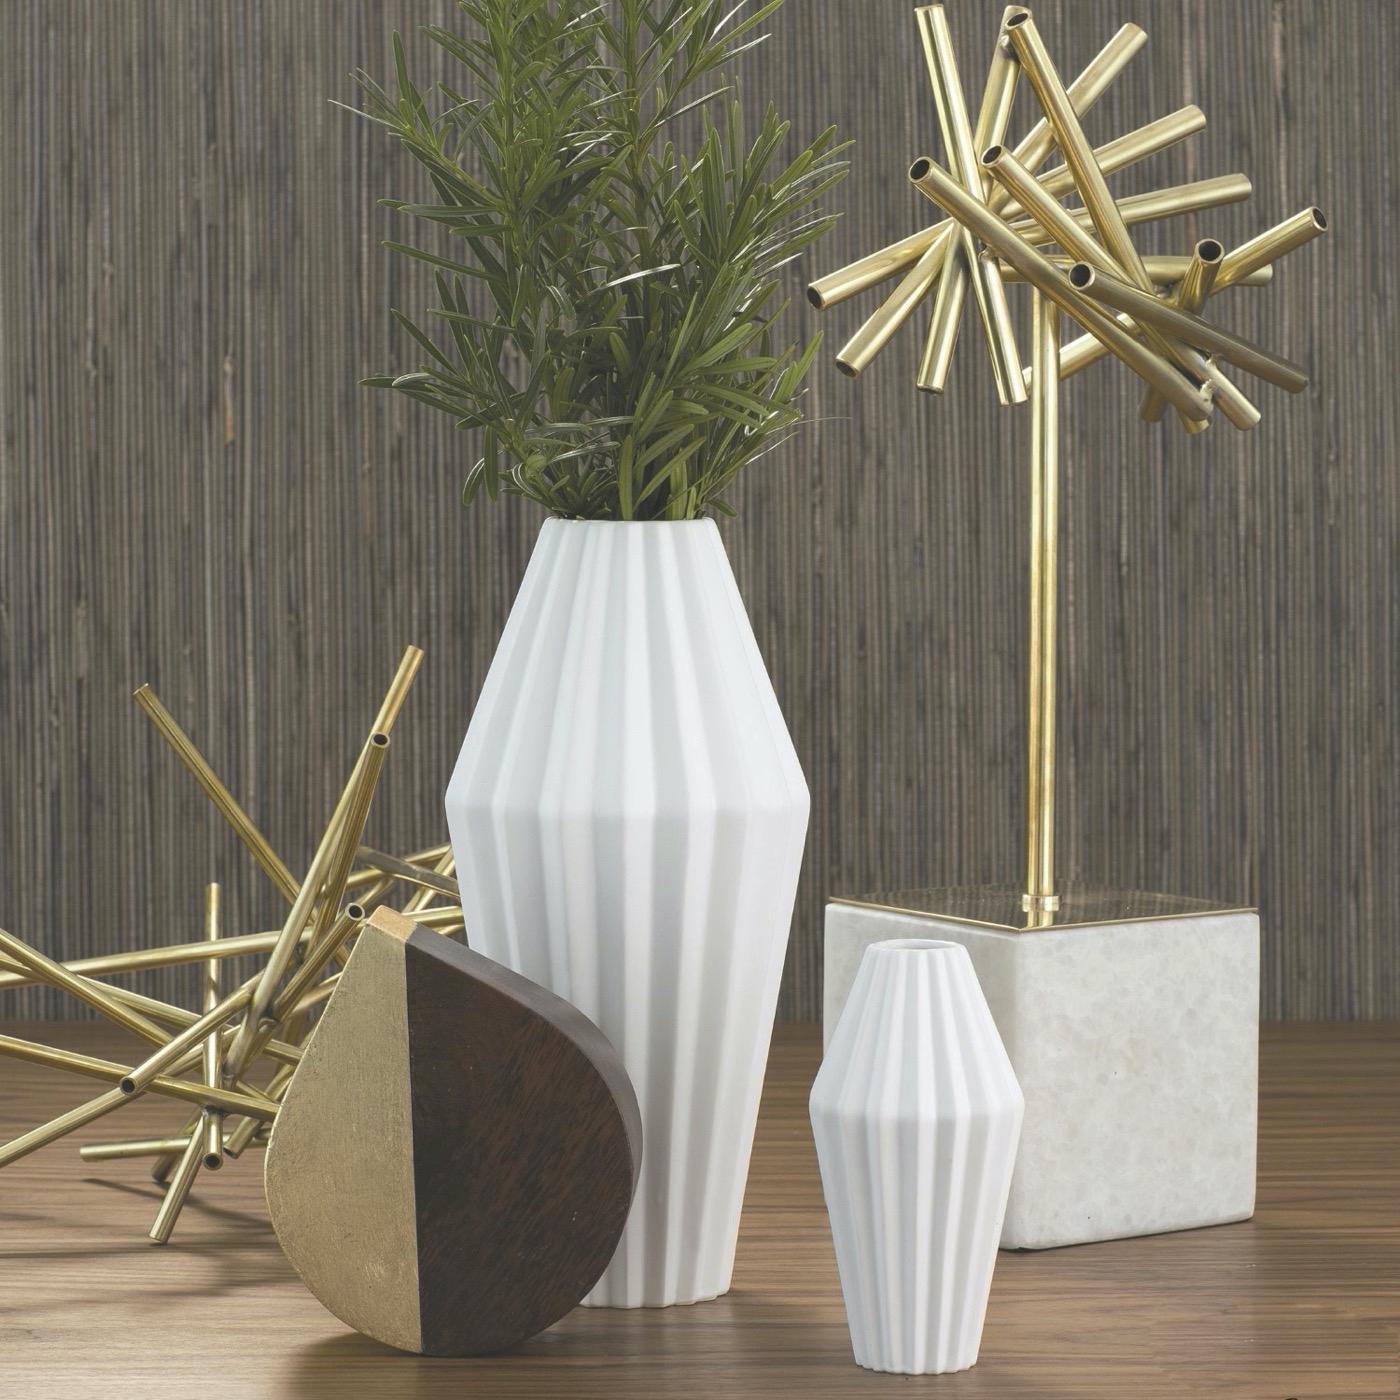 Paros Ceramic Vases | White